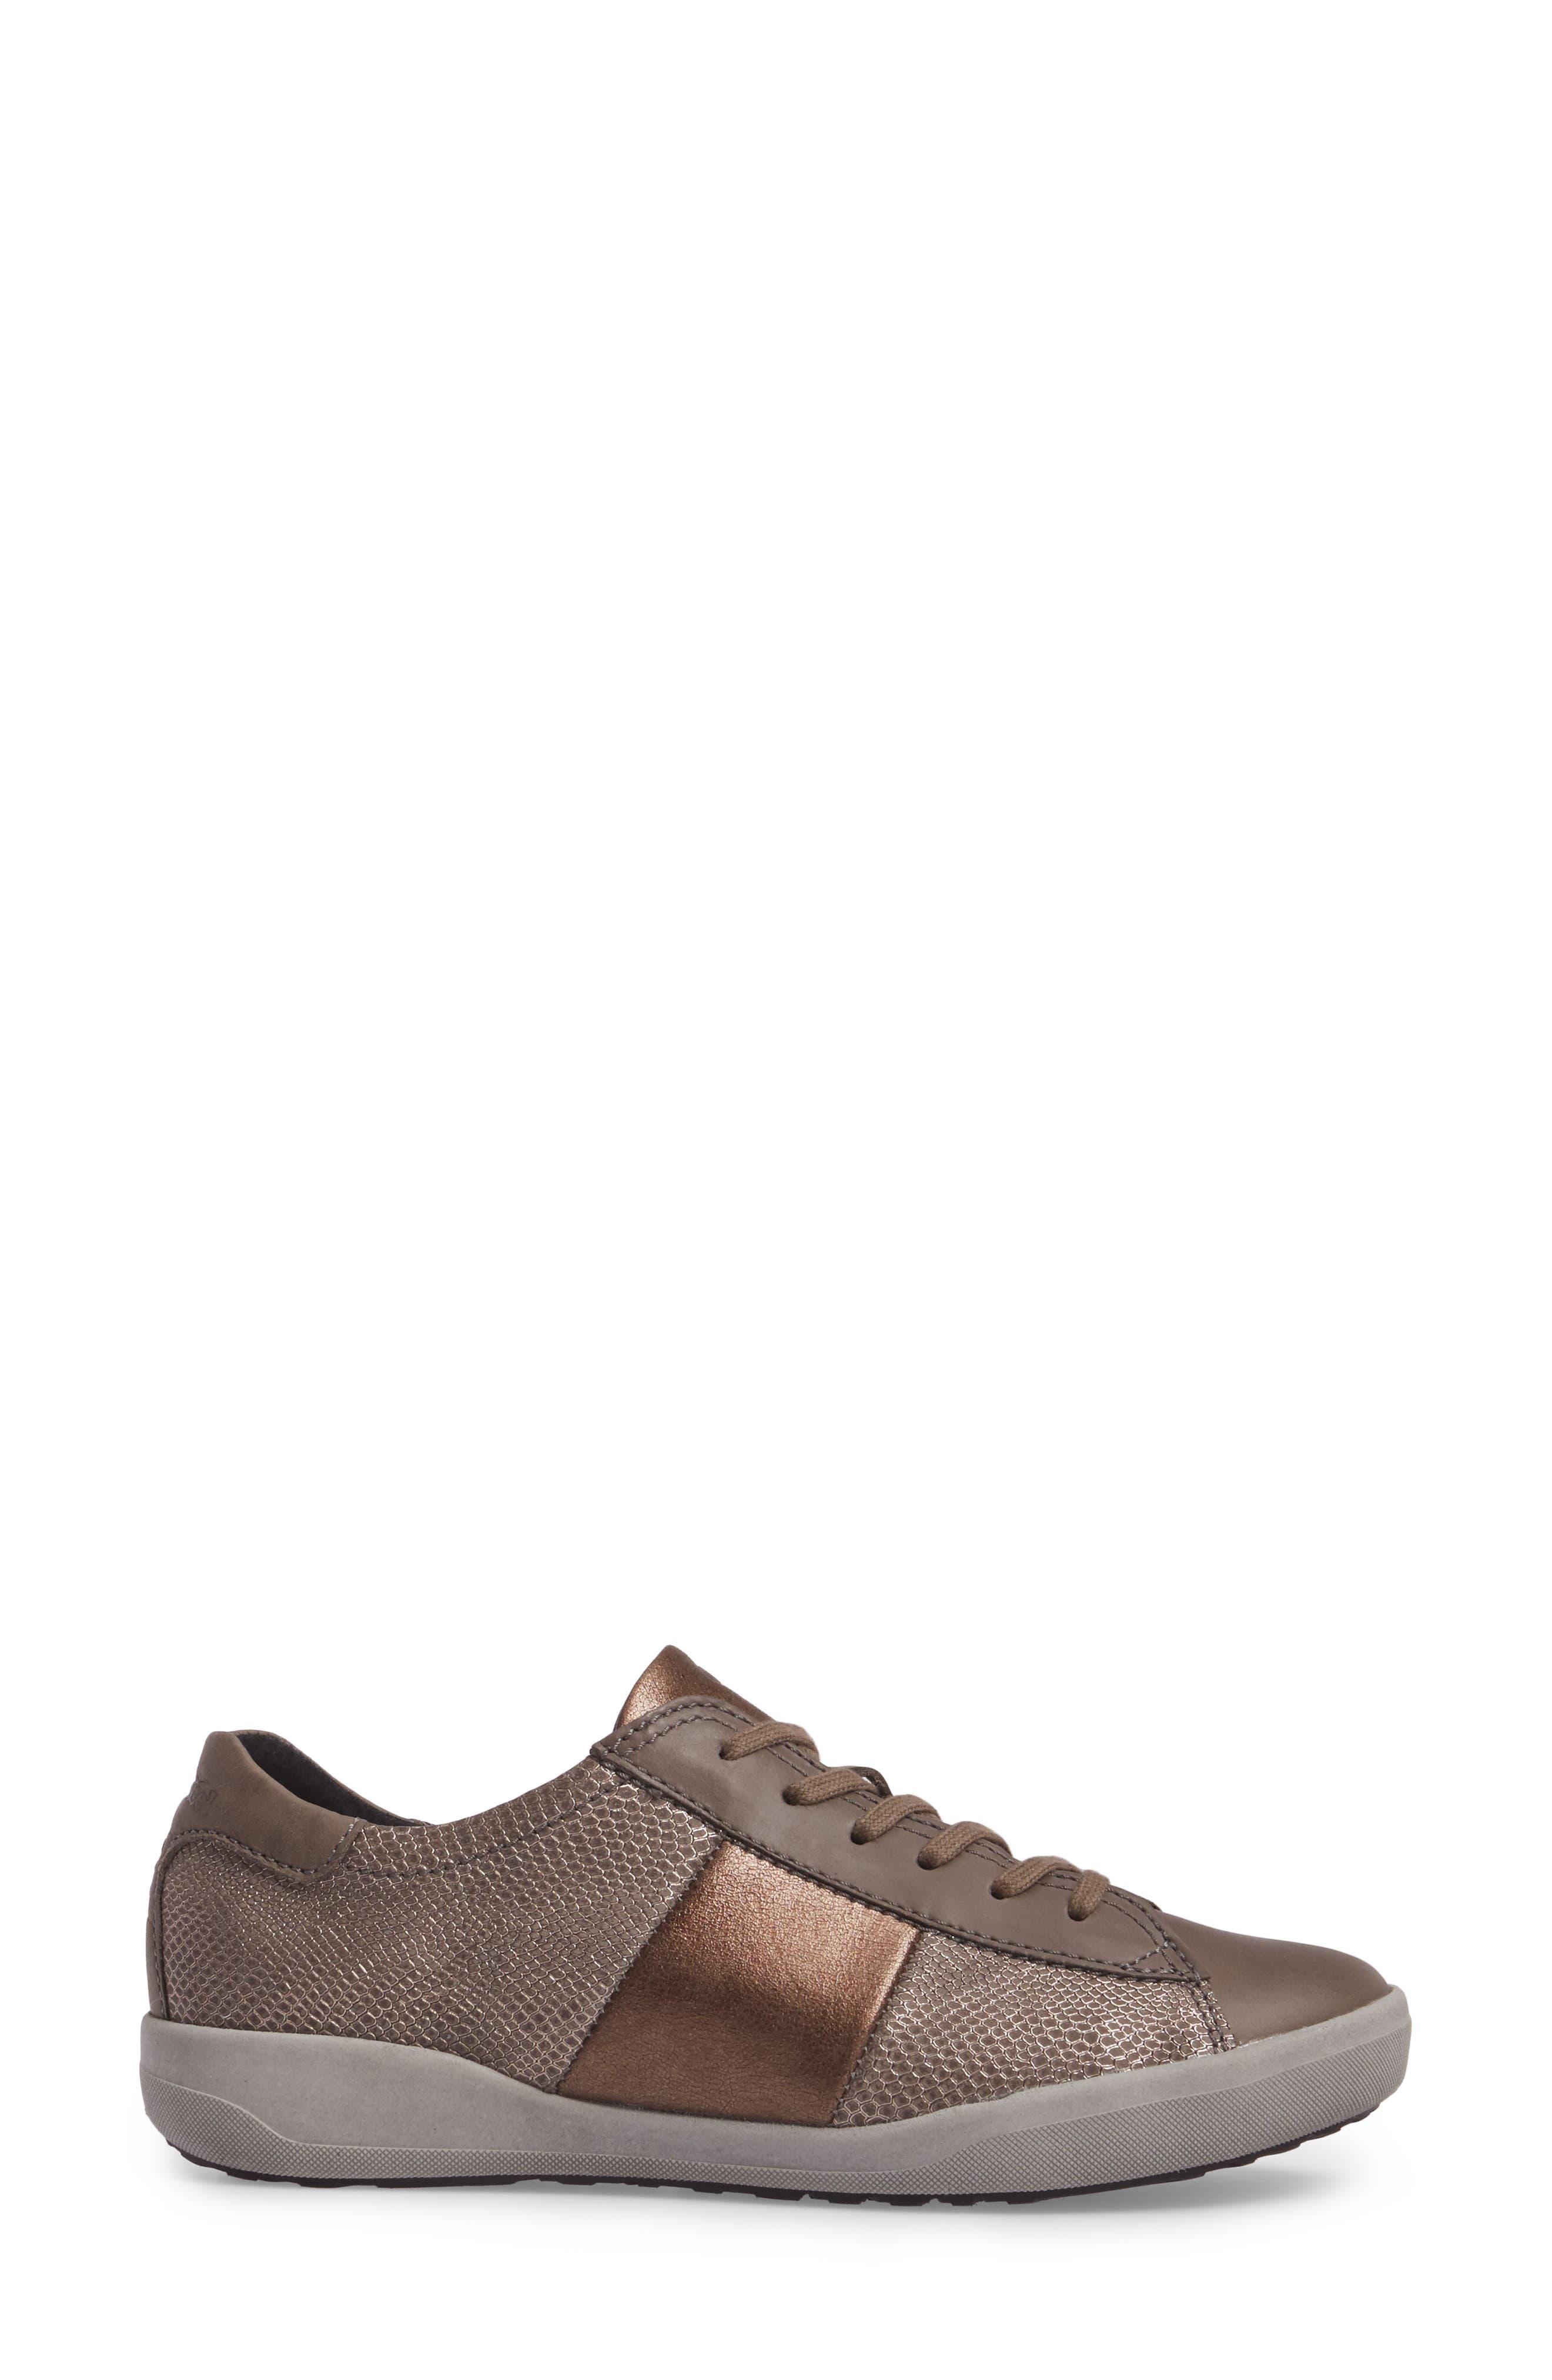 Sina 27 Sneaker,                             Alternate thumbnail 3, color,                             Asphalt/ Kombi Leather